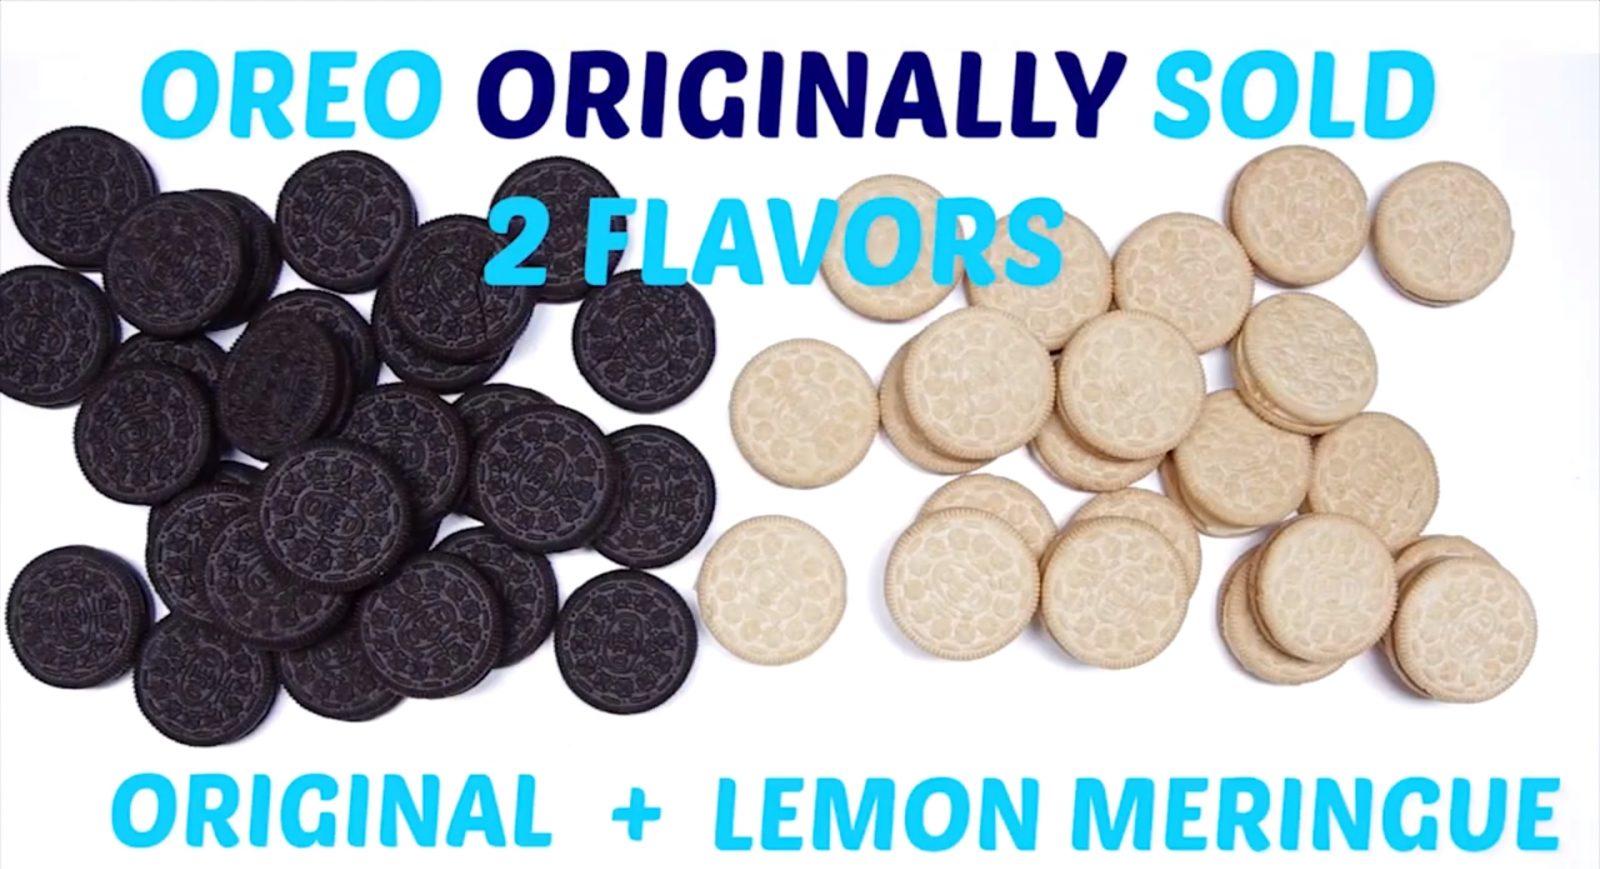 Original Oreos had 2 Flavors